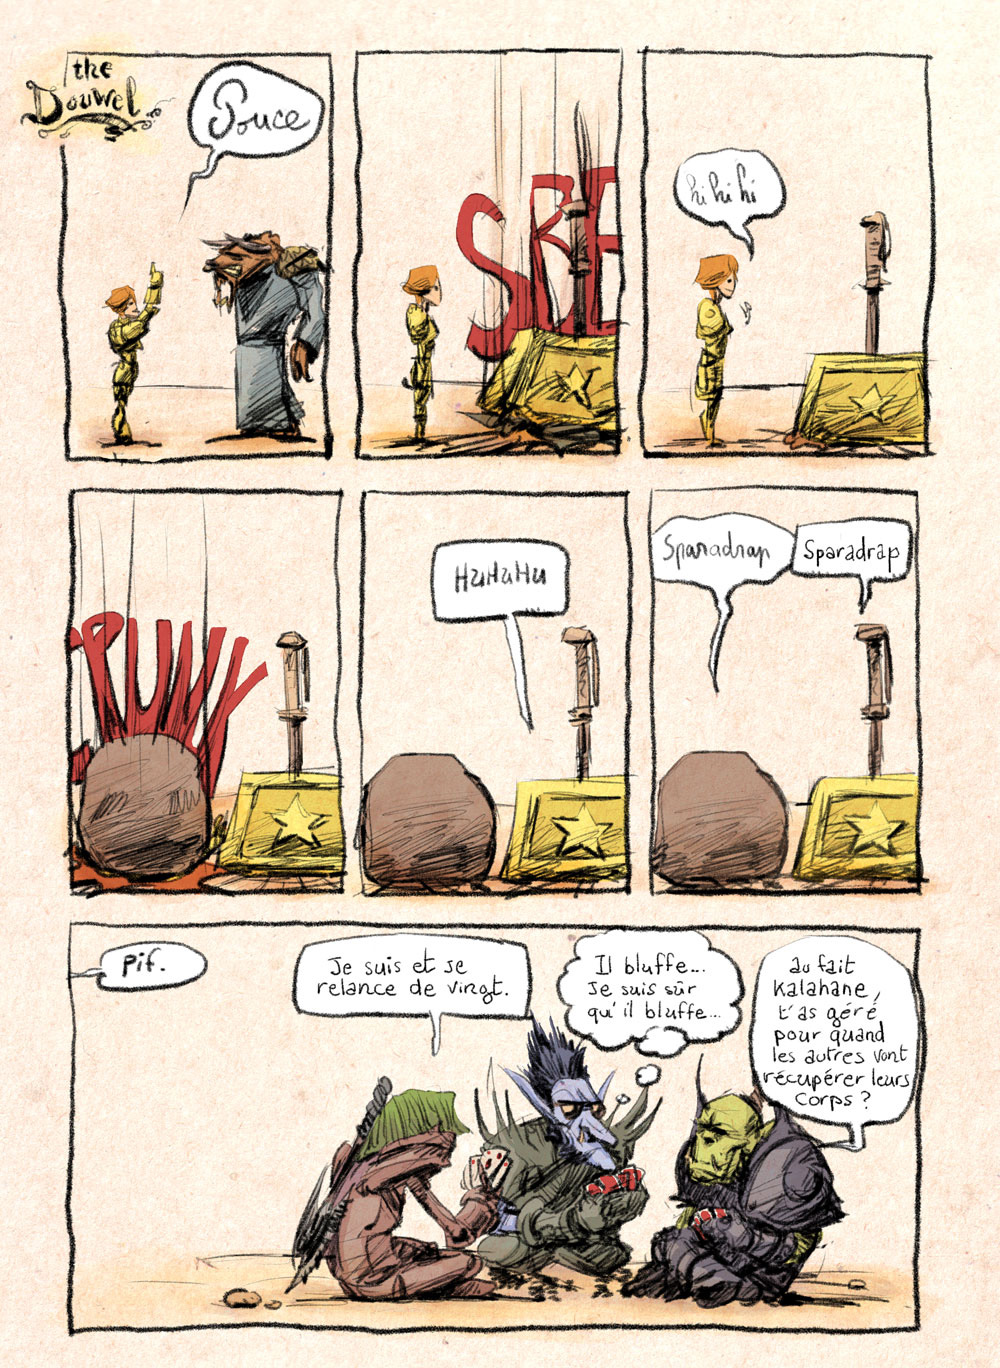 Aventures de Stevostin, tome 1 : La Porte Sombre. Planche 55.